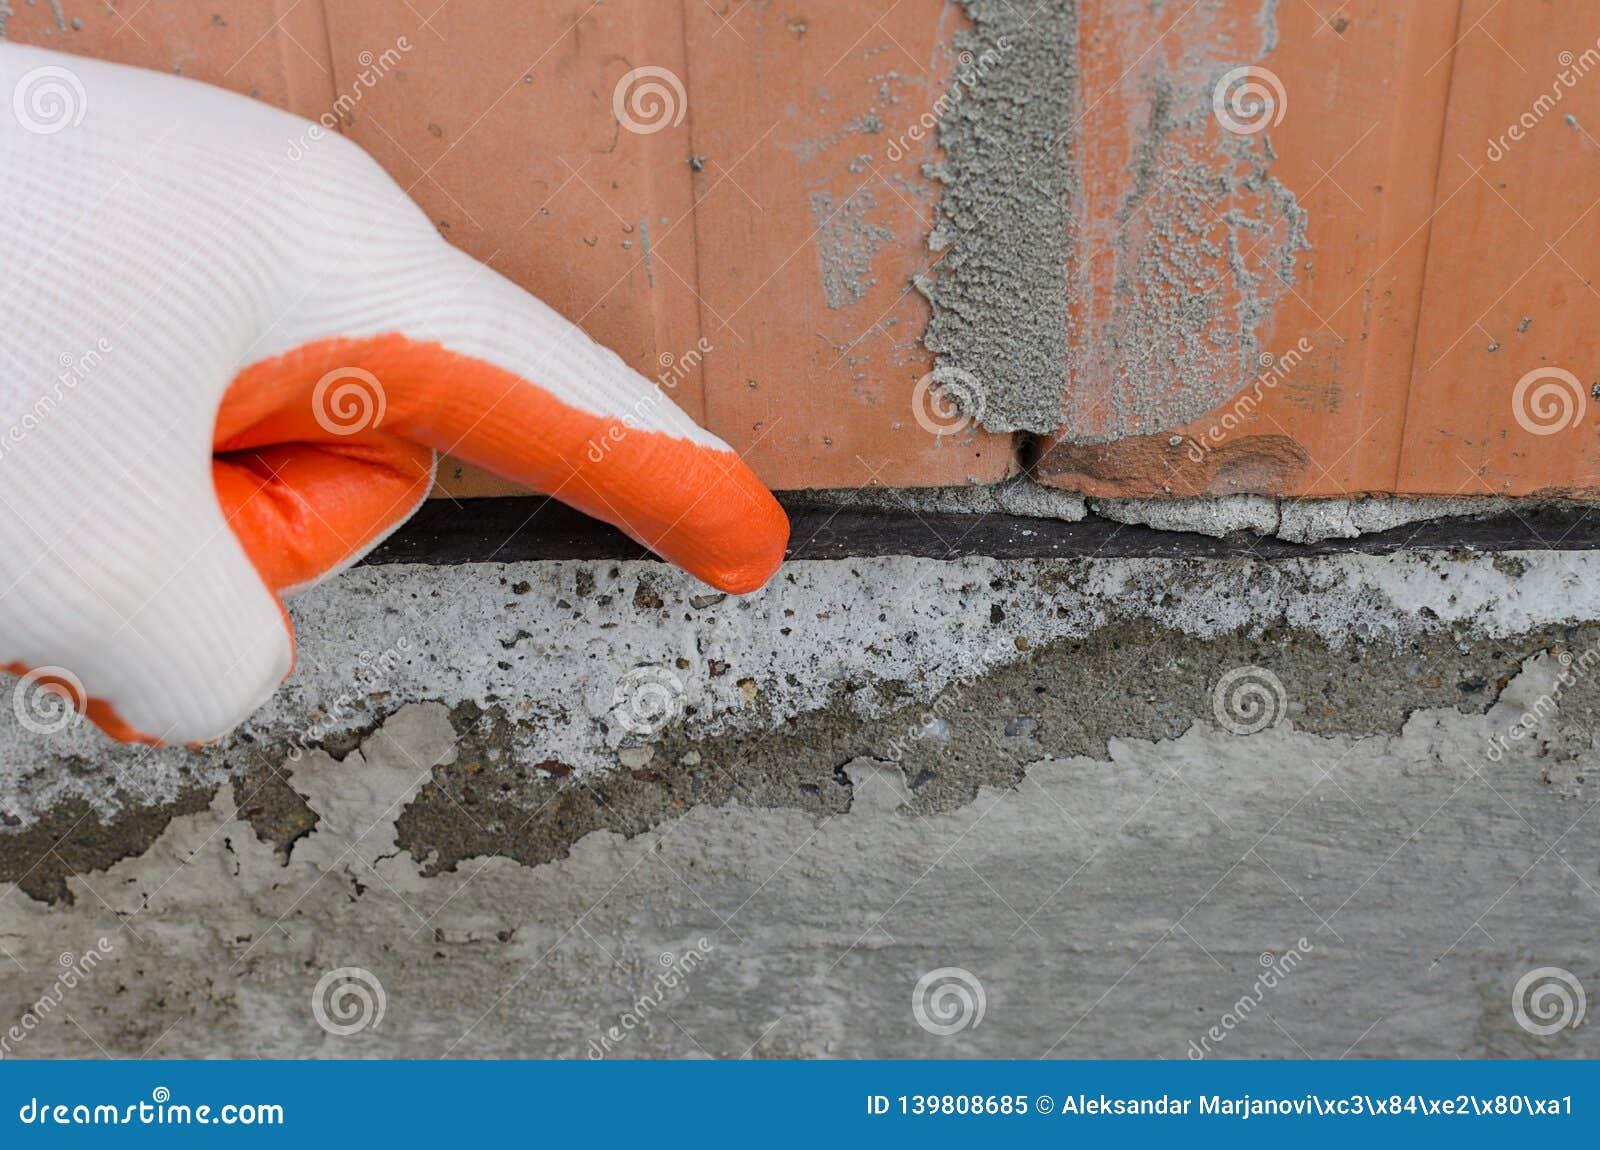 Schwarze Imprägnierungsmembran, Schicht, die Wände gegen Feuchtigkeit schützt, haarartige Feuchtigkeit